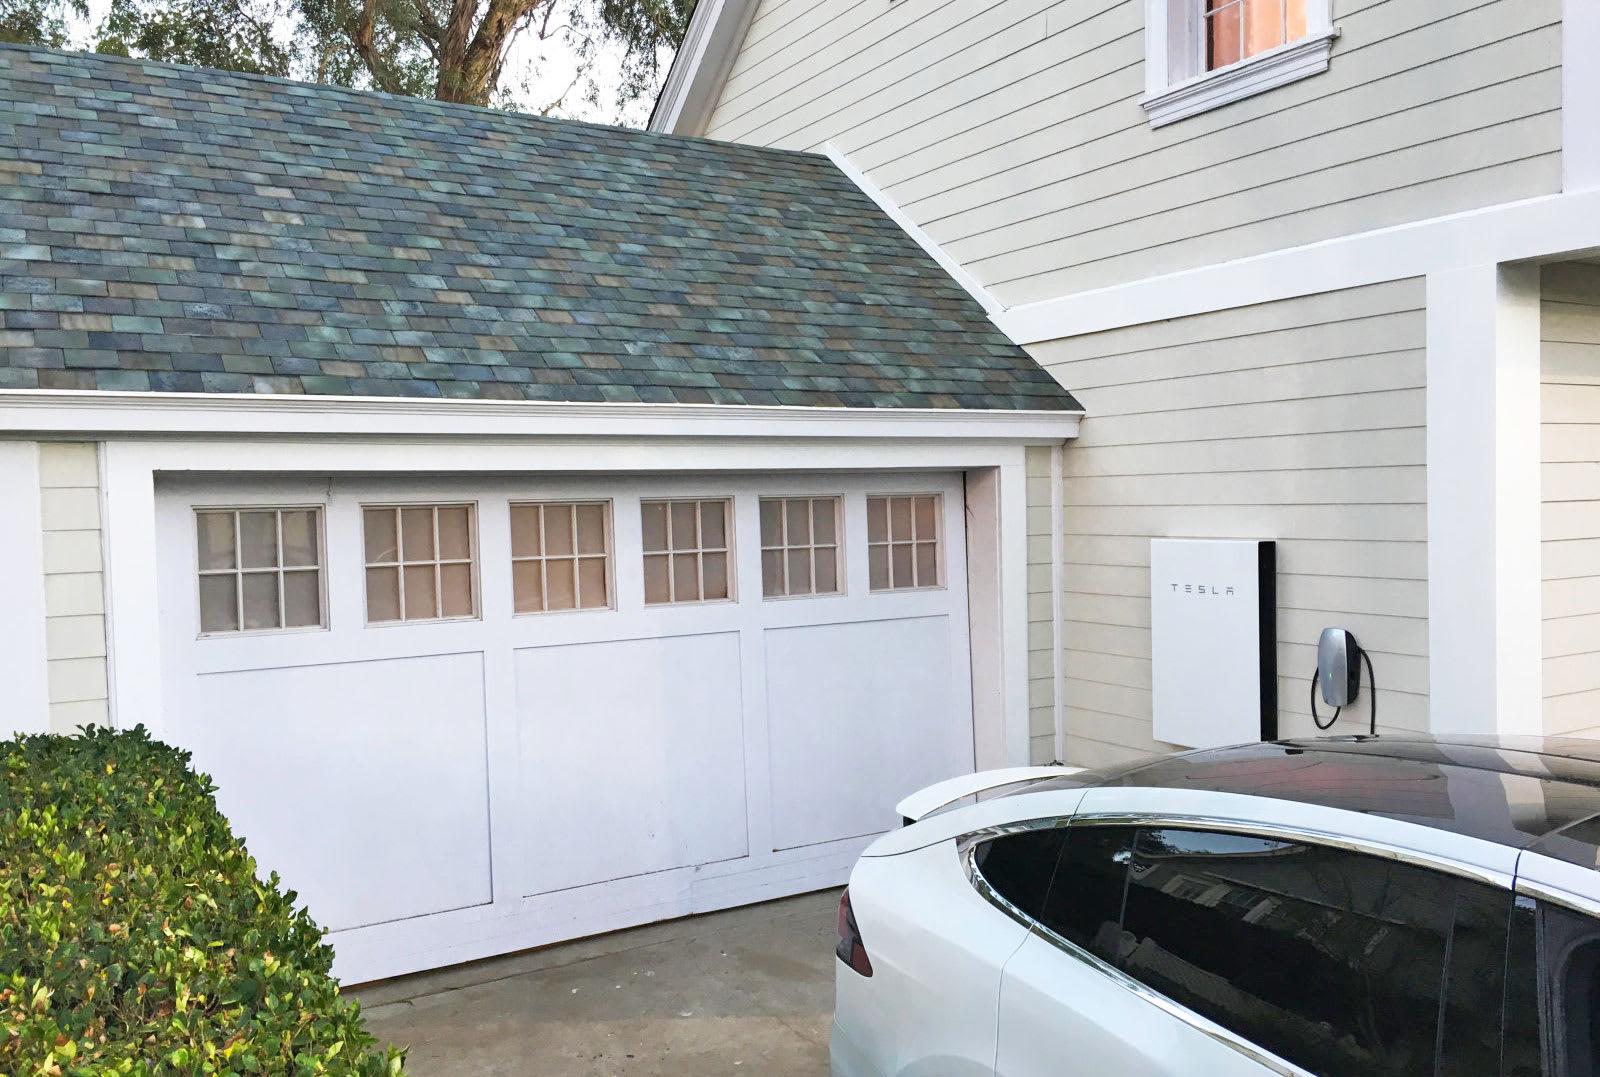 Tesla Solar Roof Order >> Tesla Starts Taking Solar Roof Orders Next Month